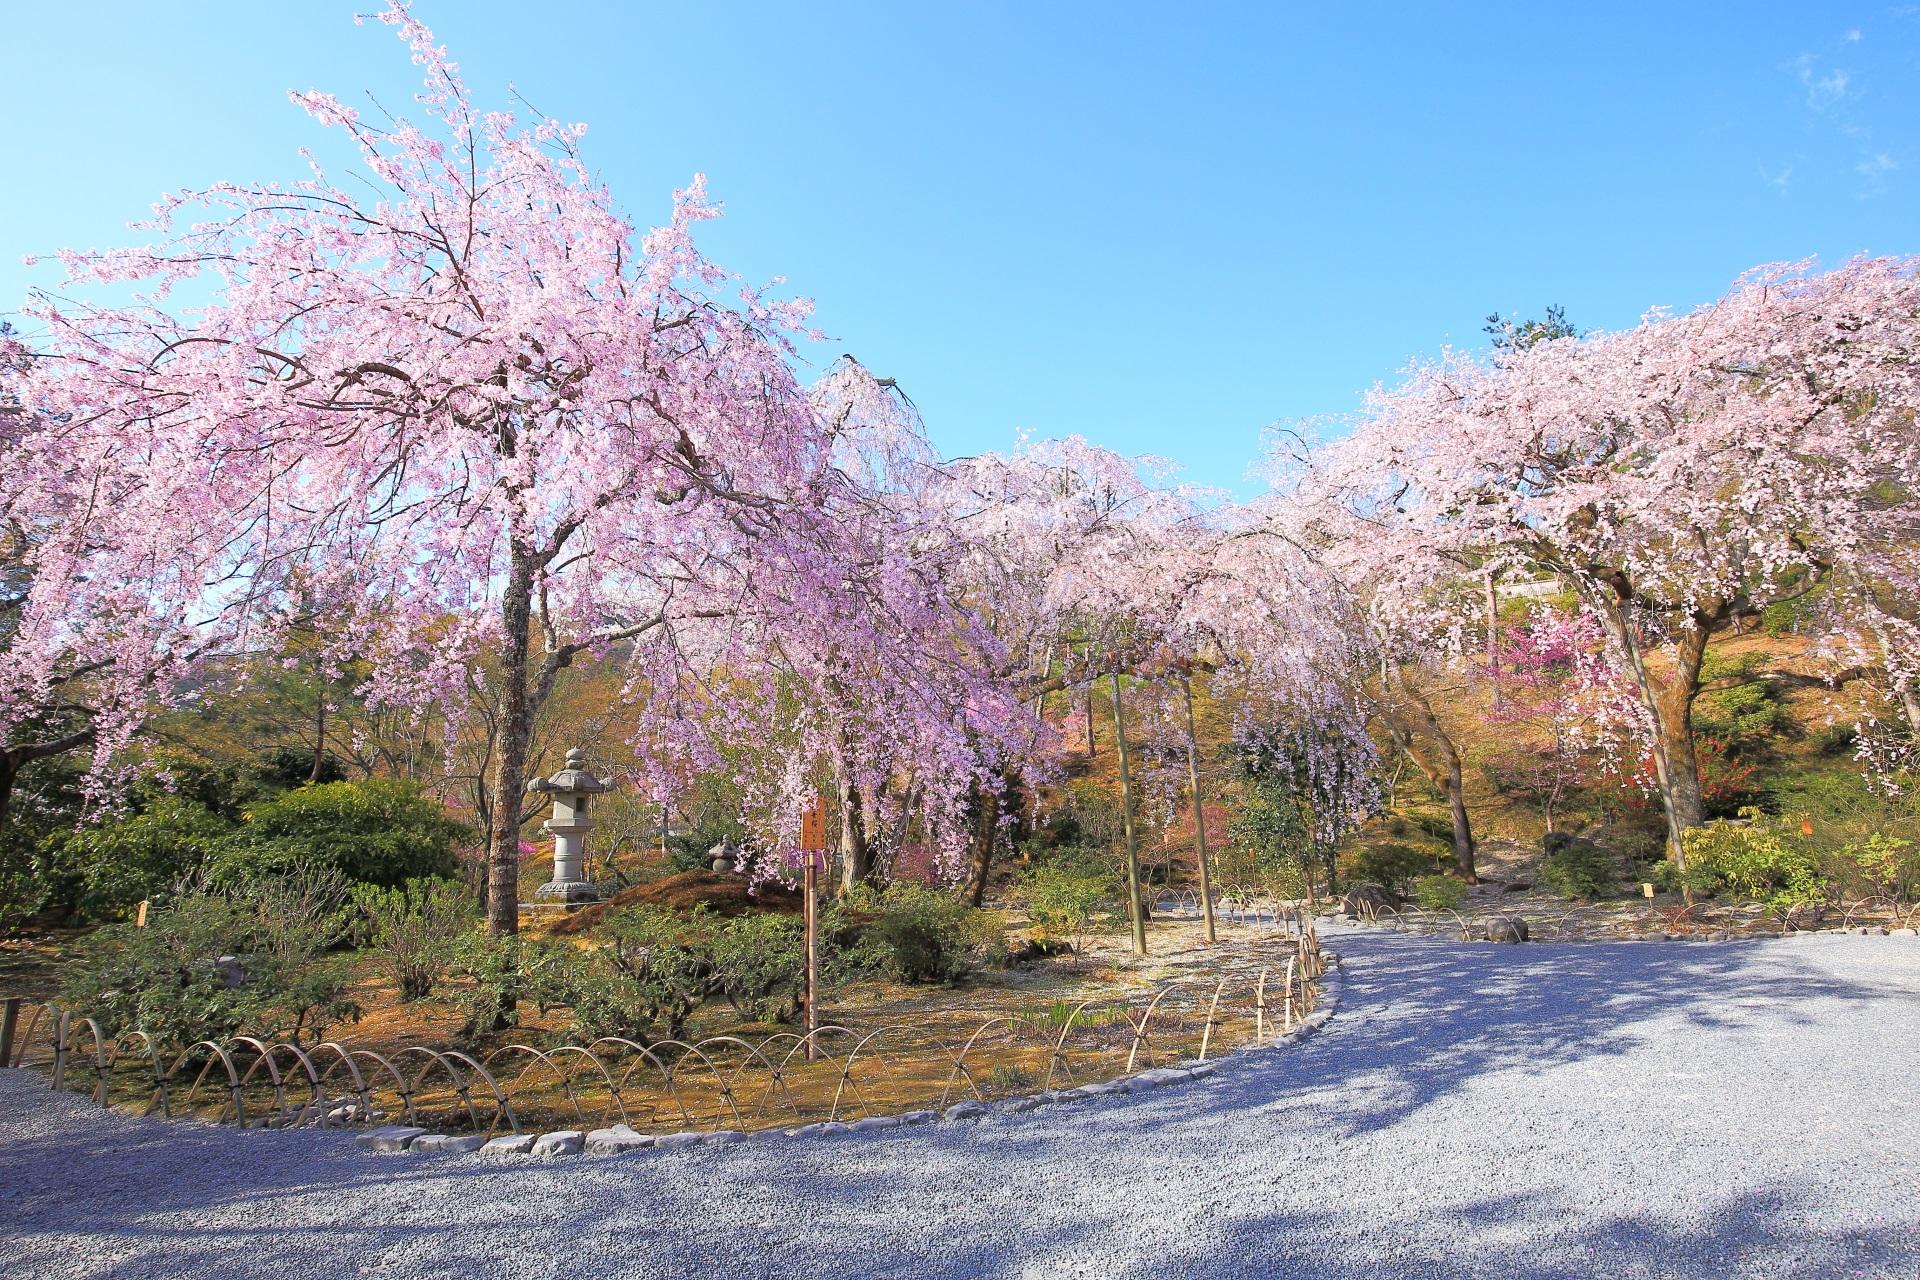 天龍寺の多宝殿前の咲き誇る桜